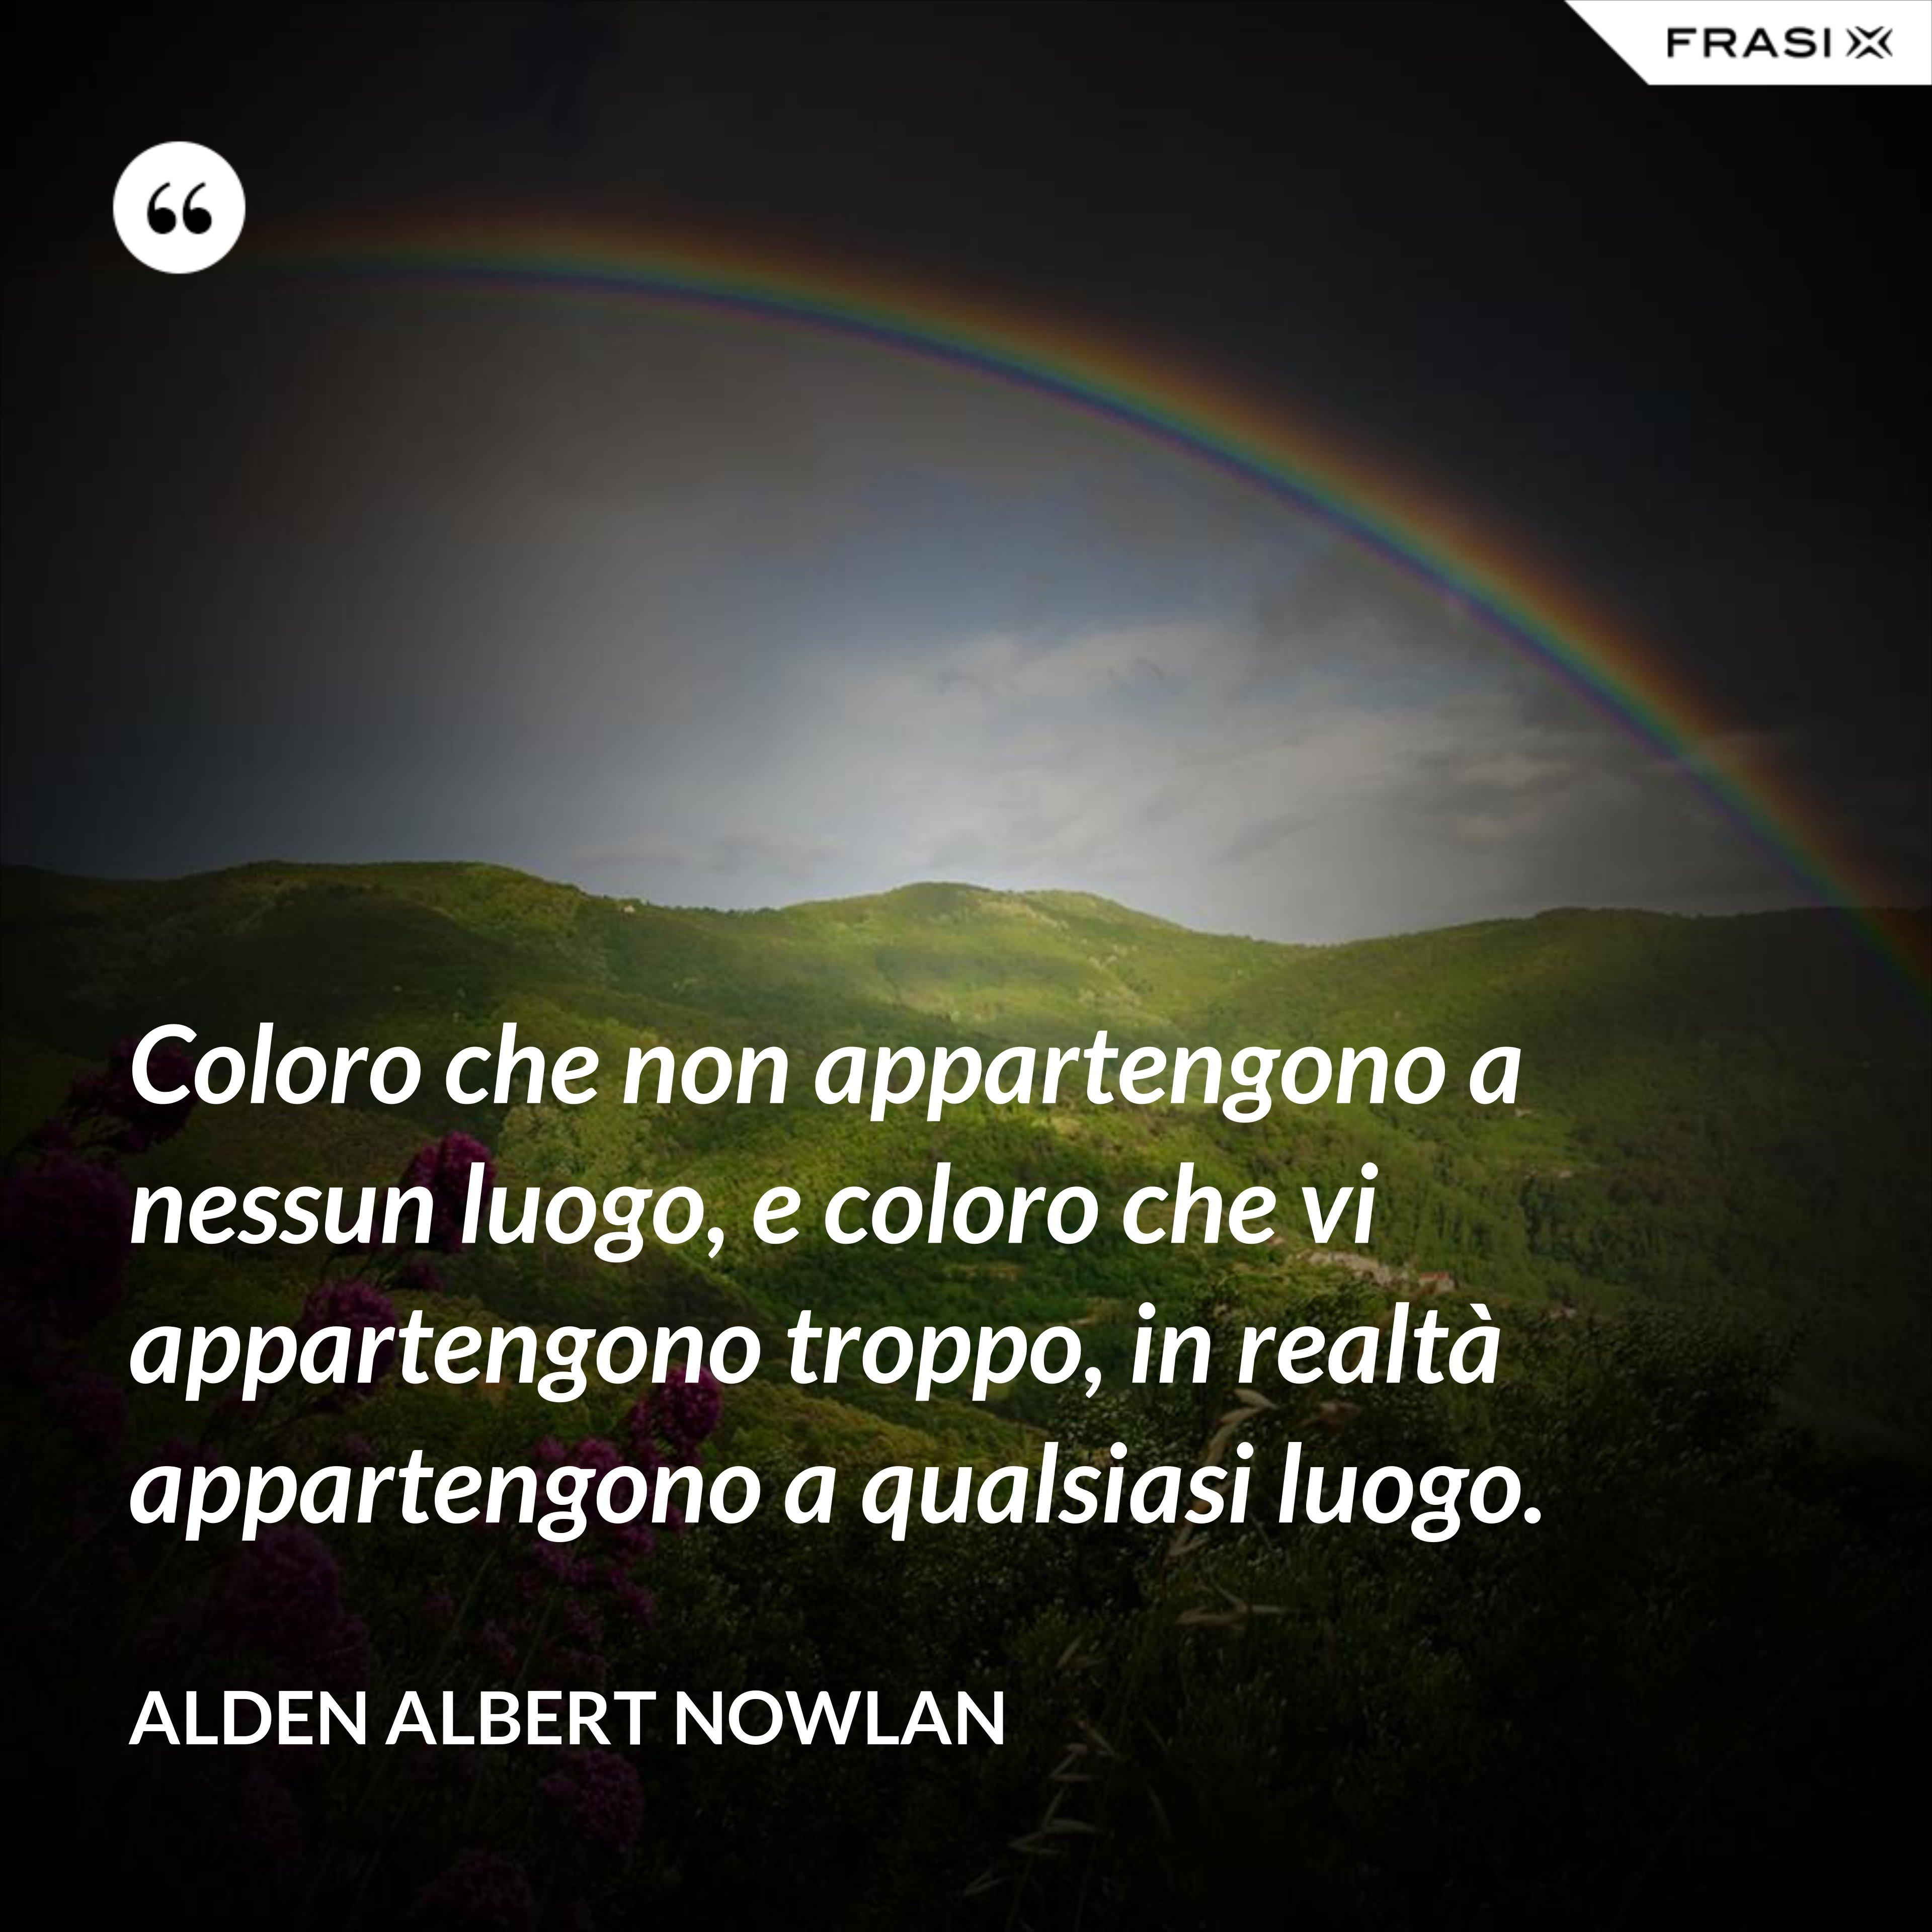 Coloro che non appartengono a nessun luogo, e coloro che vi appartengono troppo, in realtà appartengono a qualsiasi luogo. - Alden Albert Nowlan